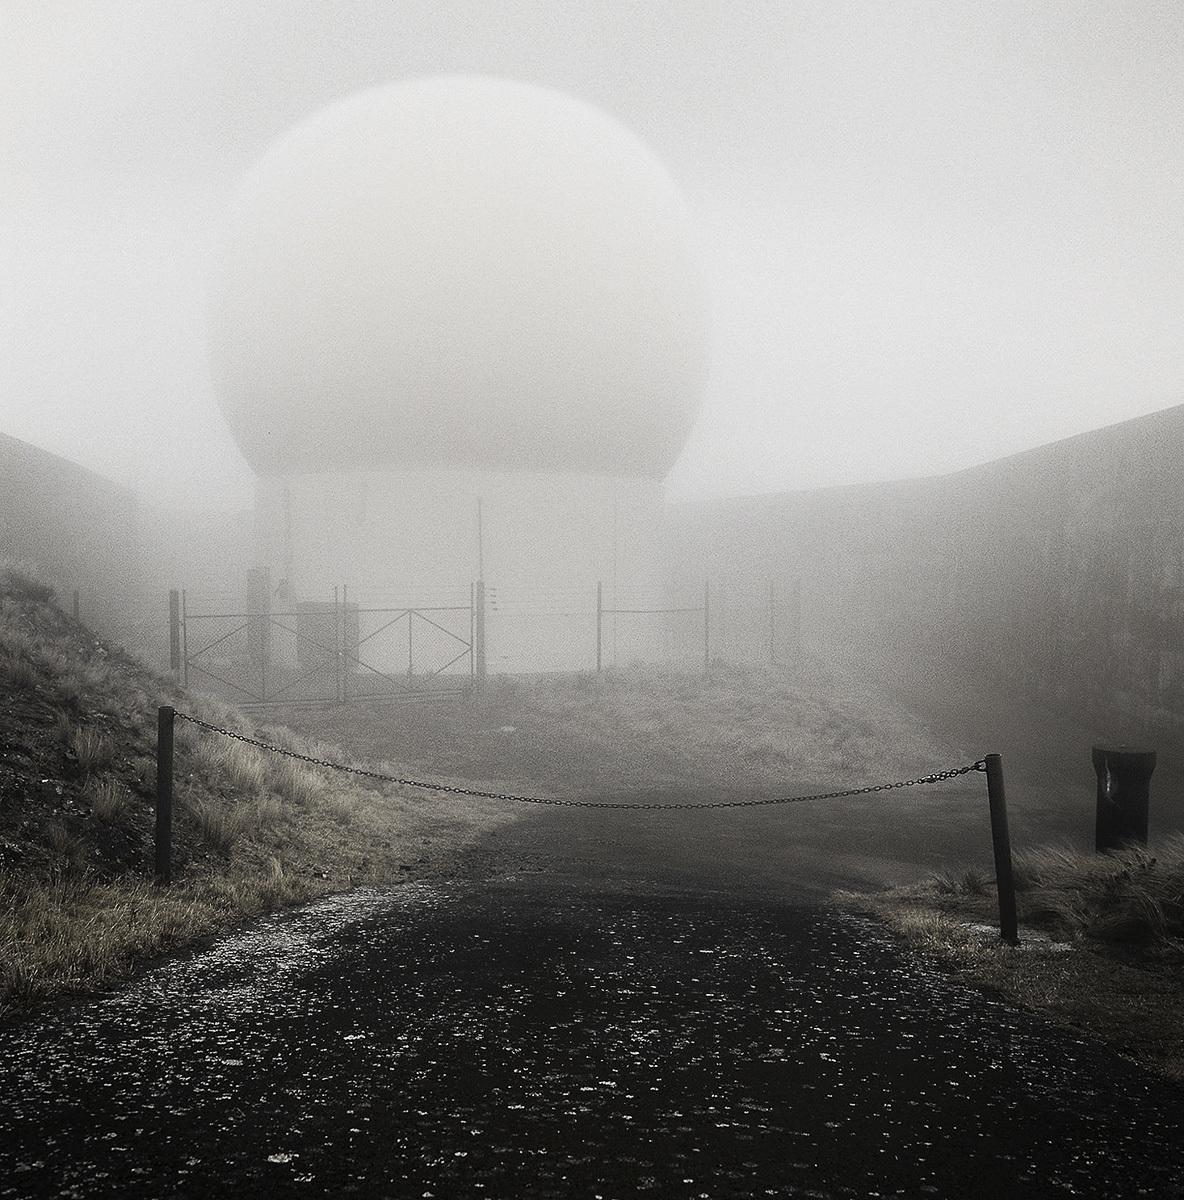 Hawkins Hill Radar